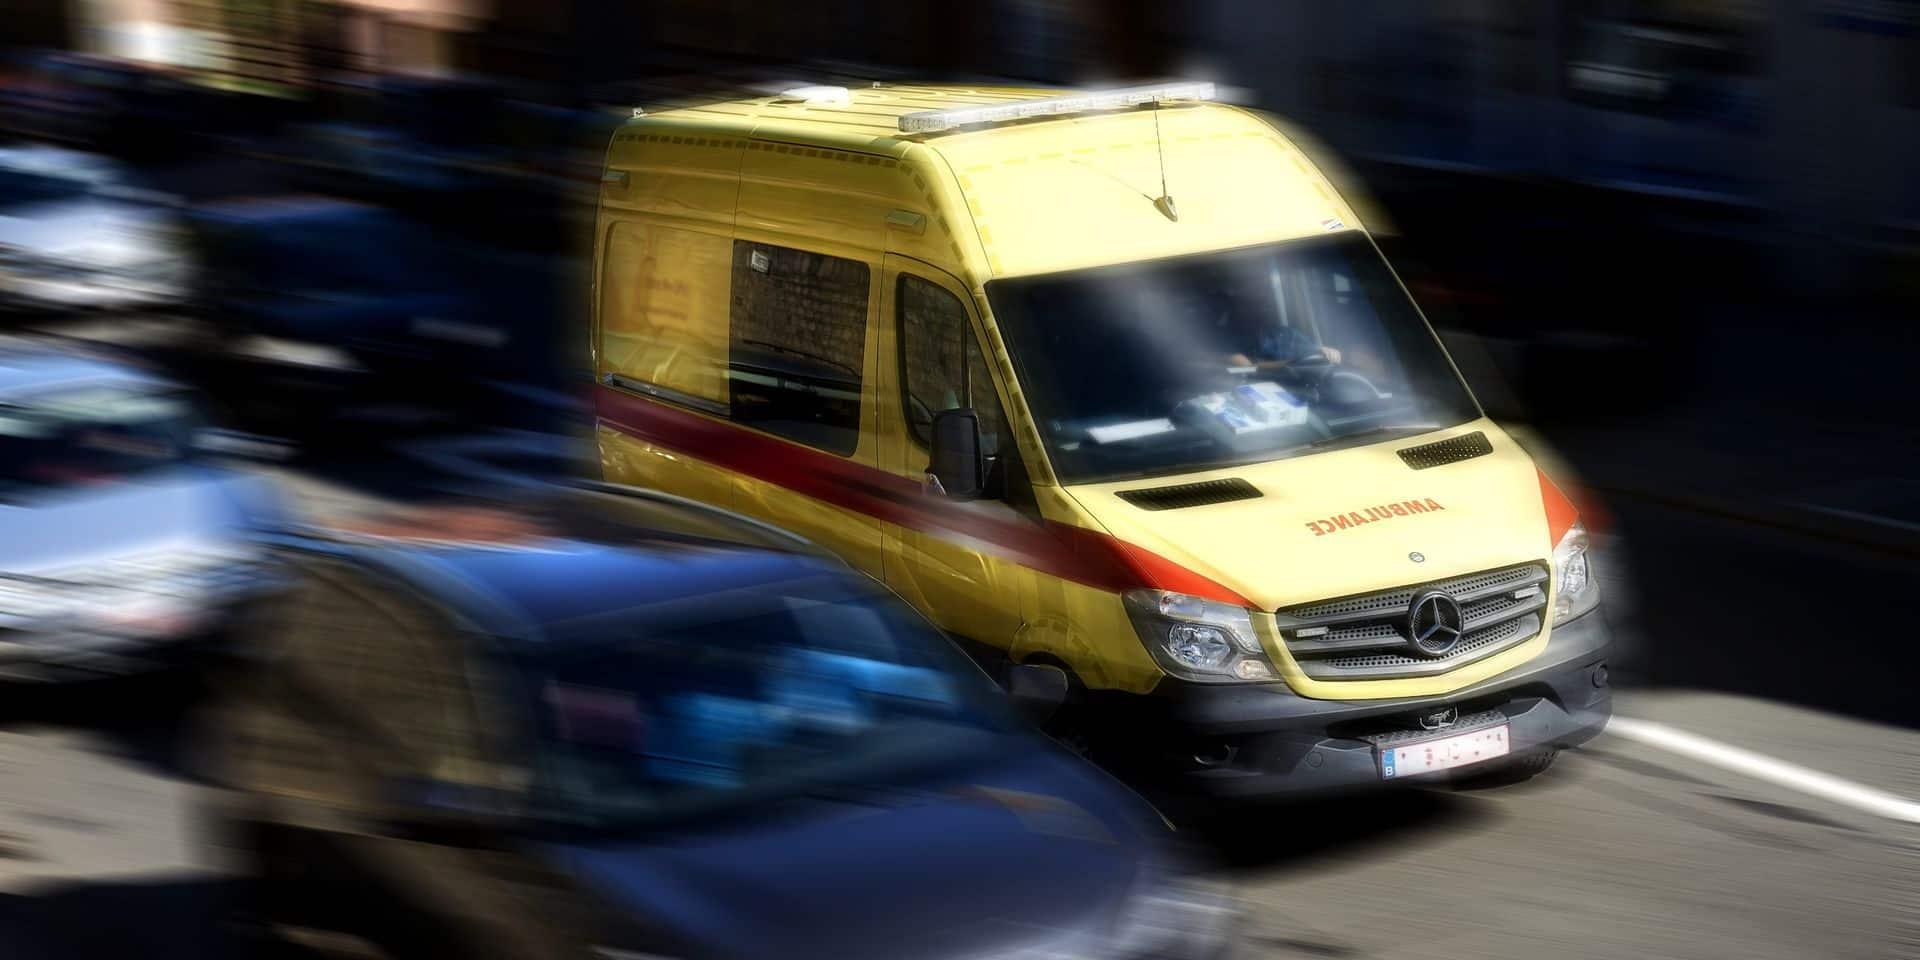 Un accident de la route mortel sur le ring de Braine-l'Alleud